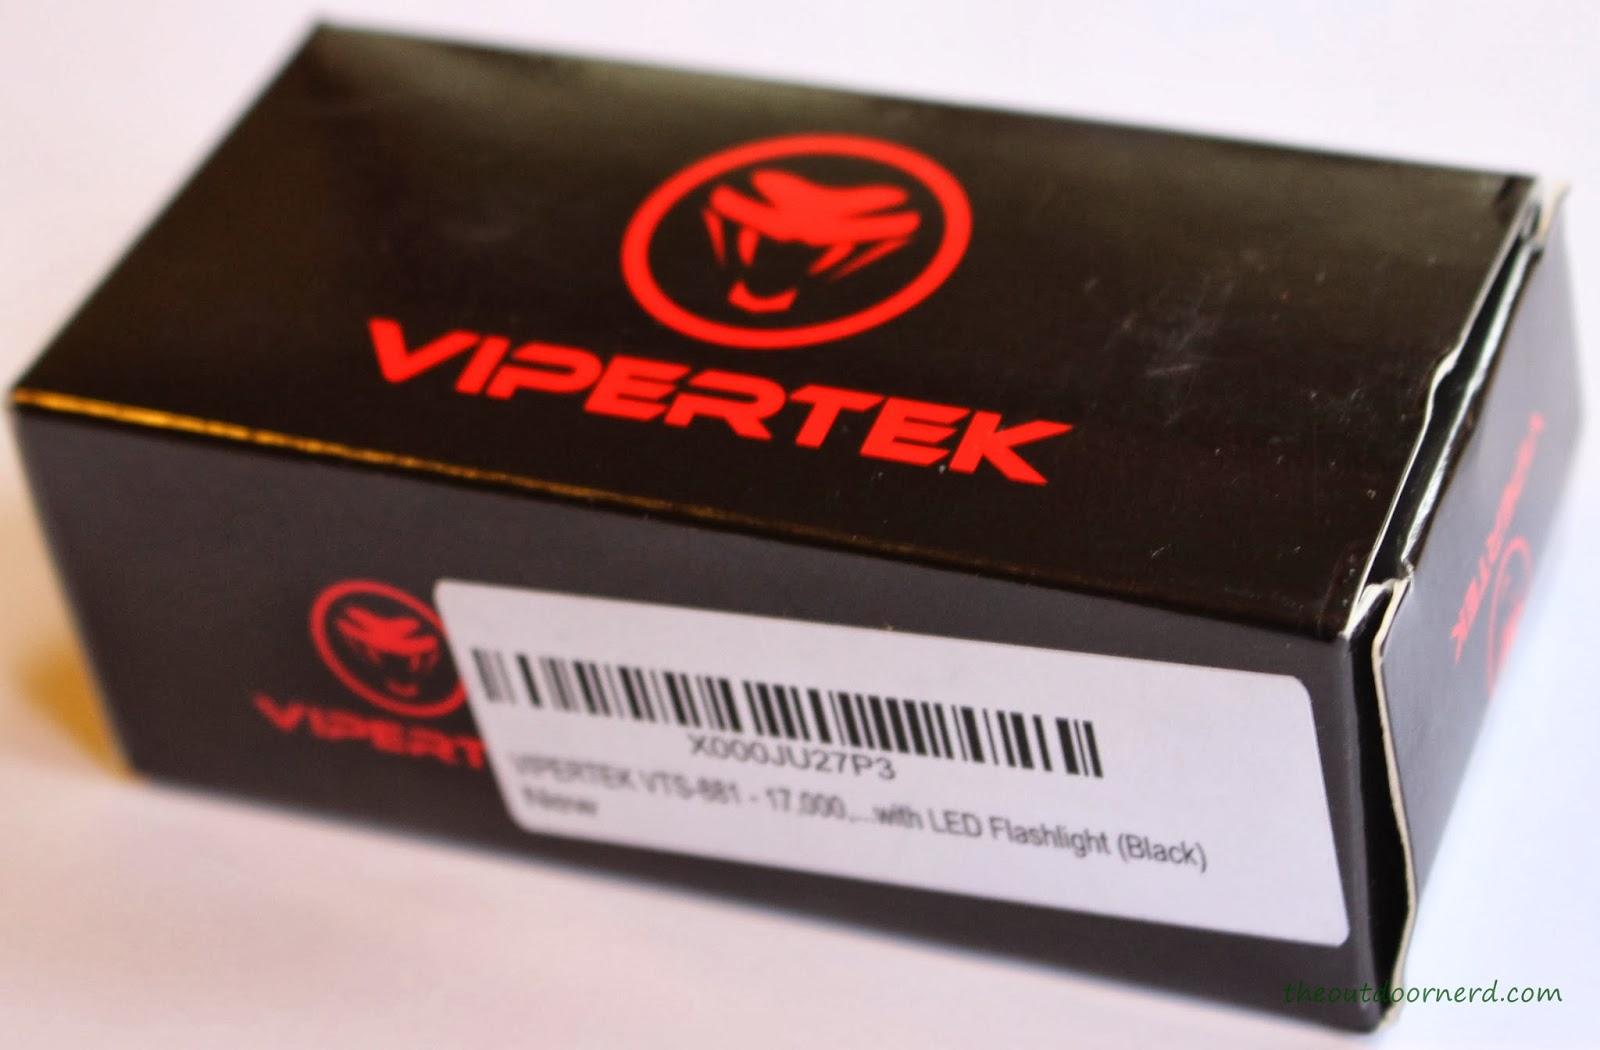 Vipertek VTS-880: Closeup Of Box